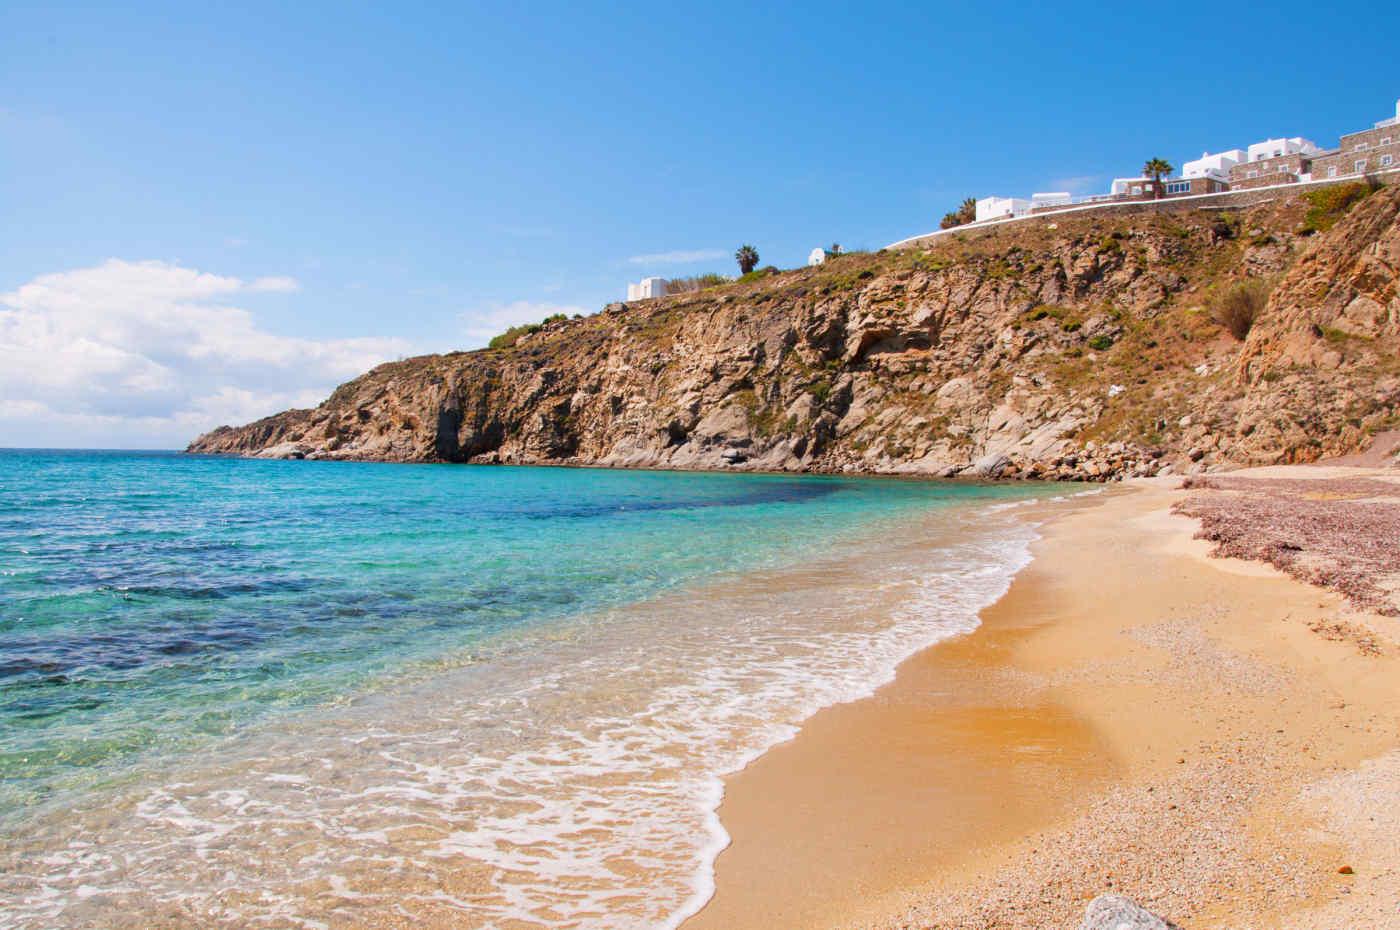 Kalo Livadi Beach in Mykonos, Greece